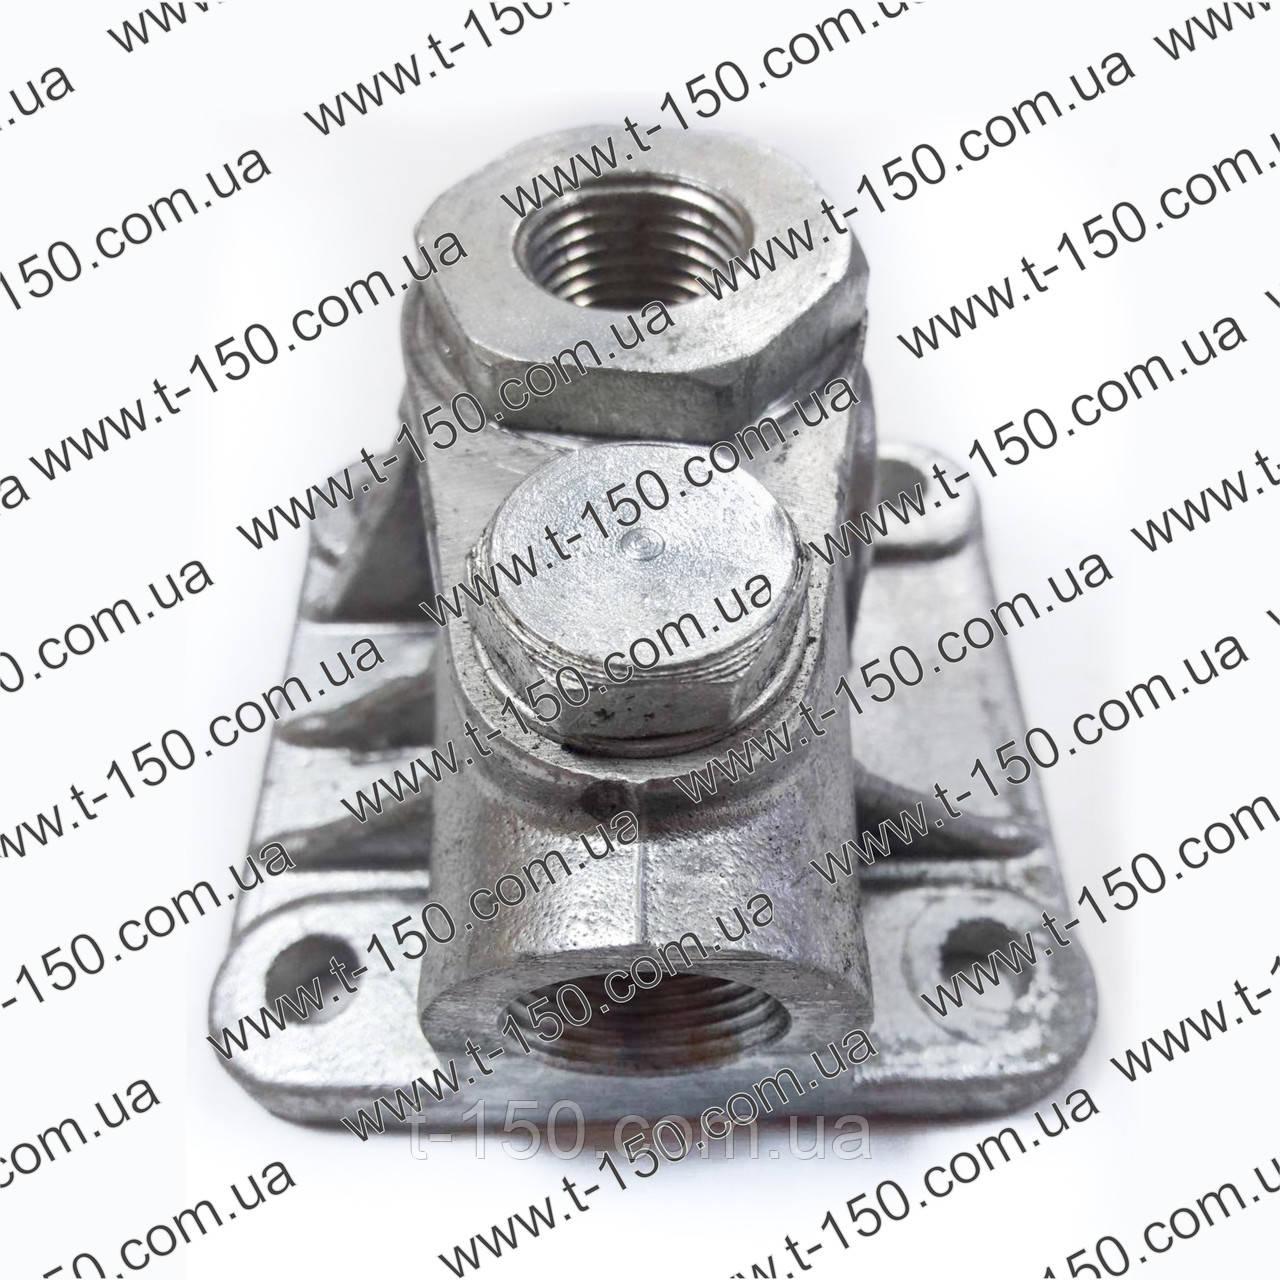 Головка компрессора ГАЗ 4301 в сборе, 4301-3509039-10